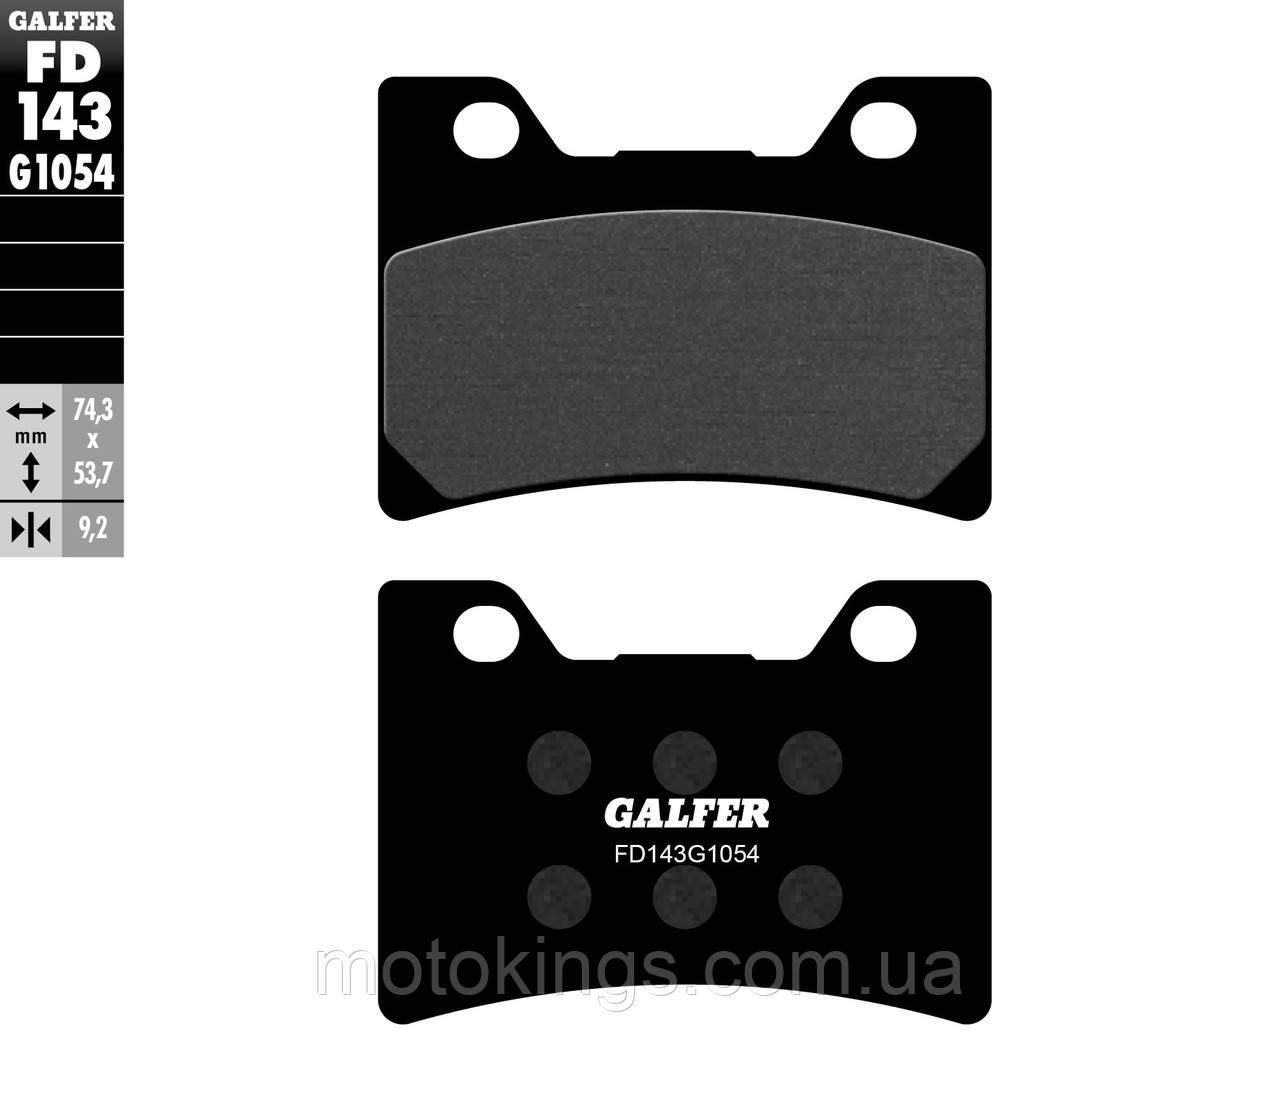 GALFER ТОРМОЗНЫЕ КОЛОДКИ    KH182 (FD143G1054)